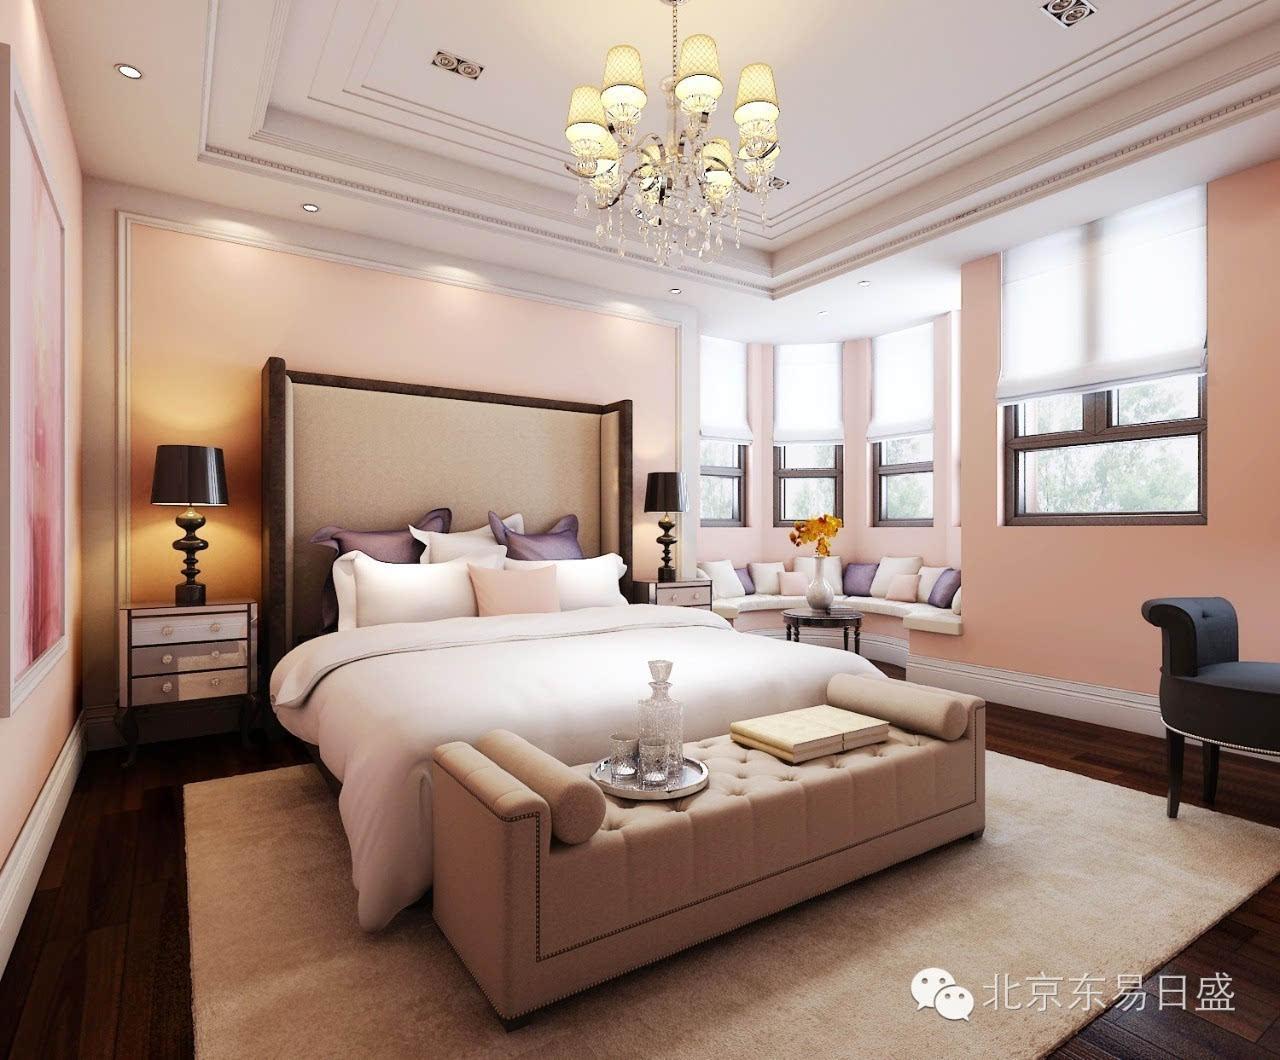 背景墙 房间 家居 起居室 设计 卧室 卧室装修 现代 装修 1280_1060